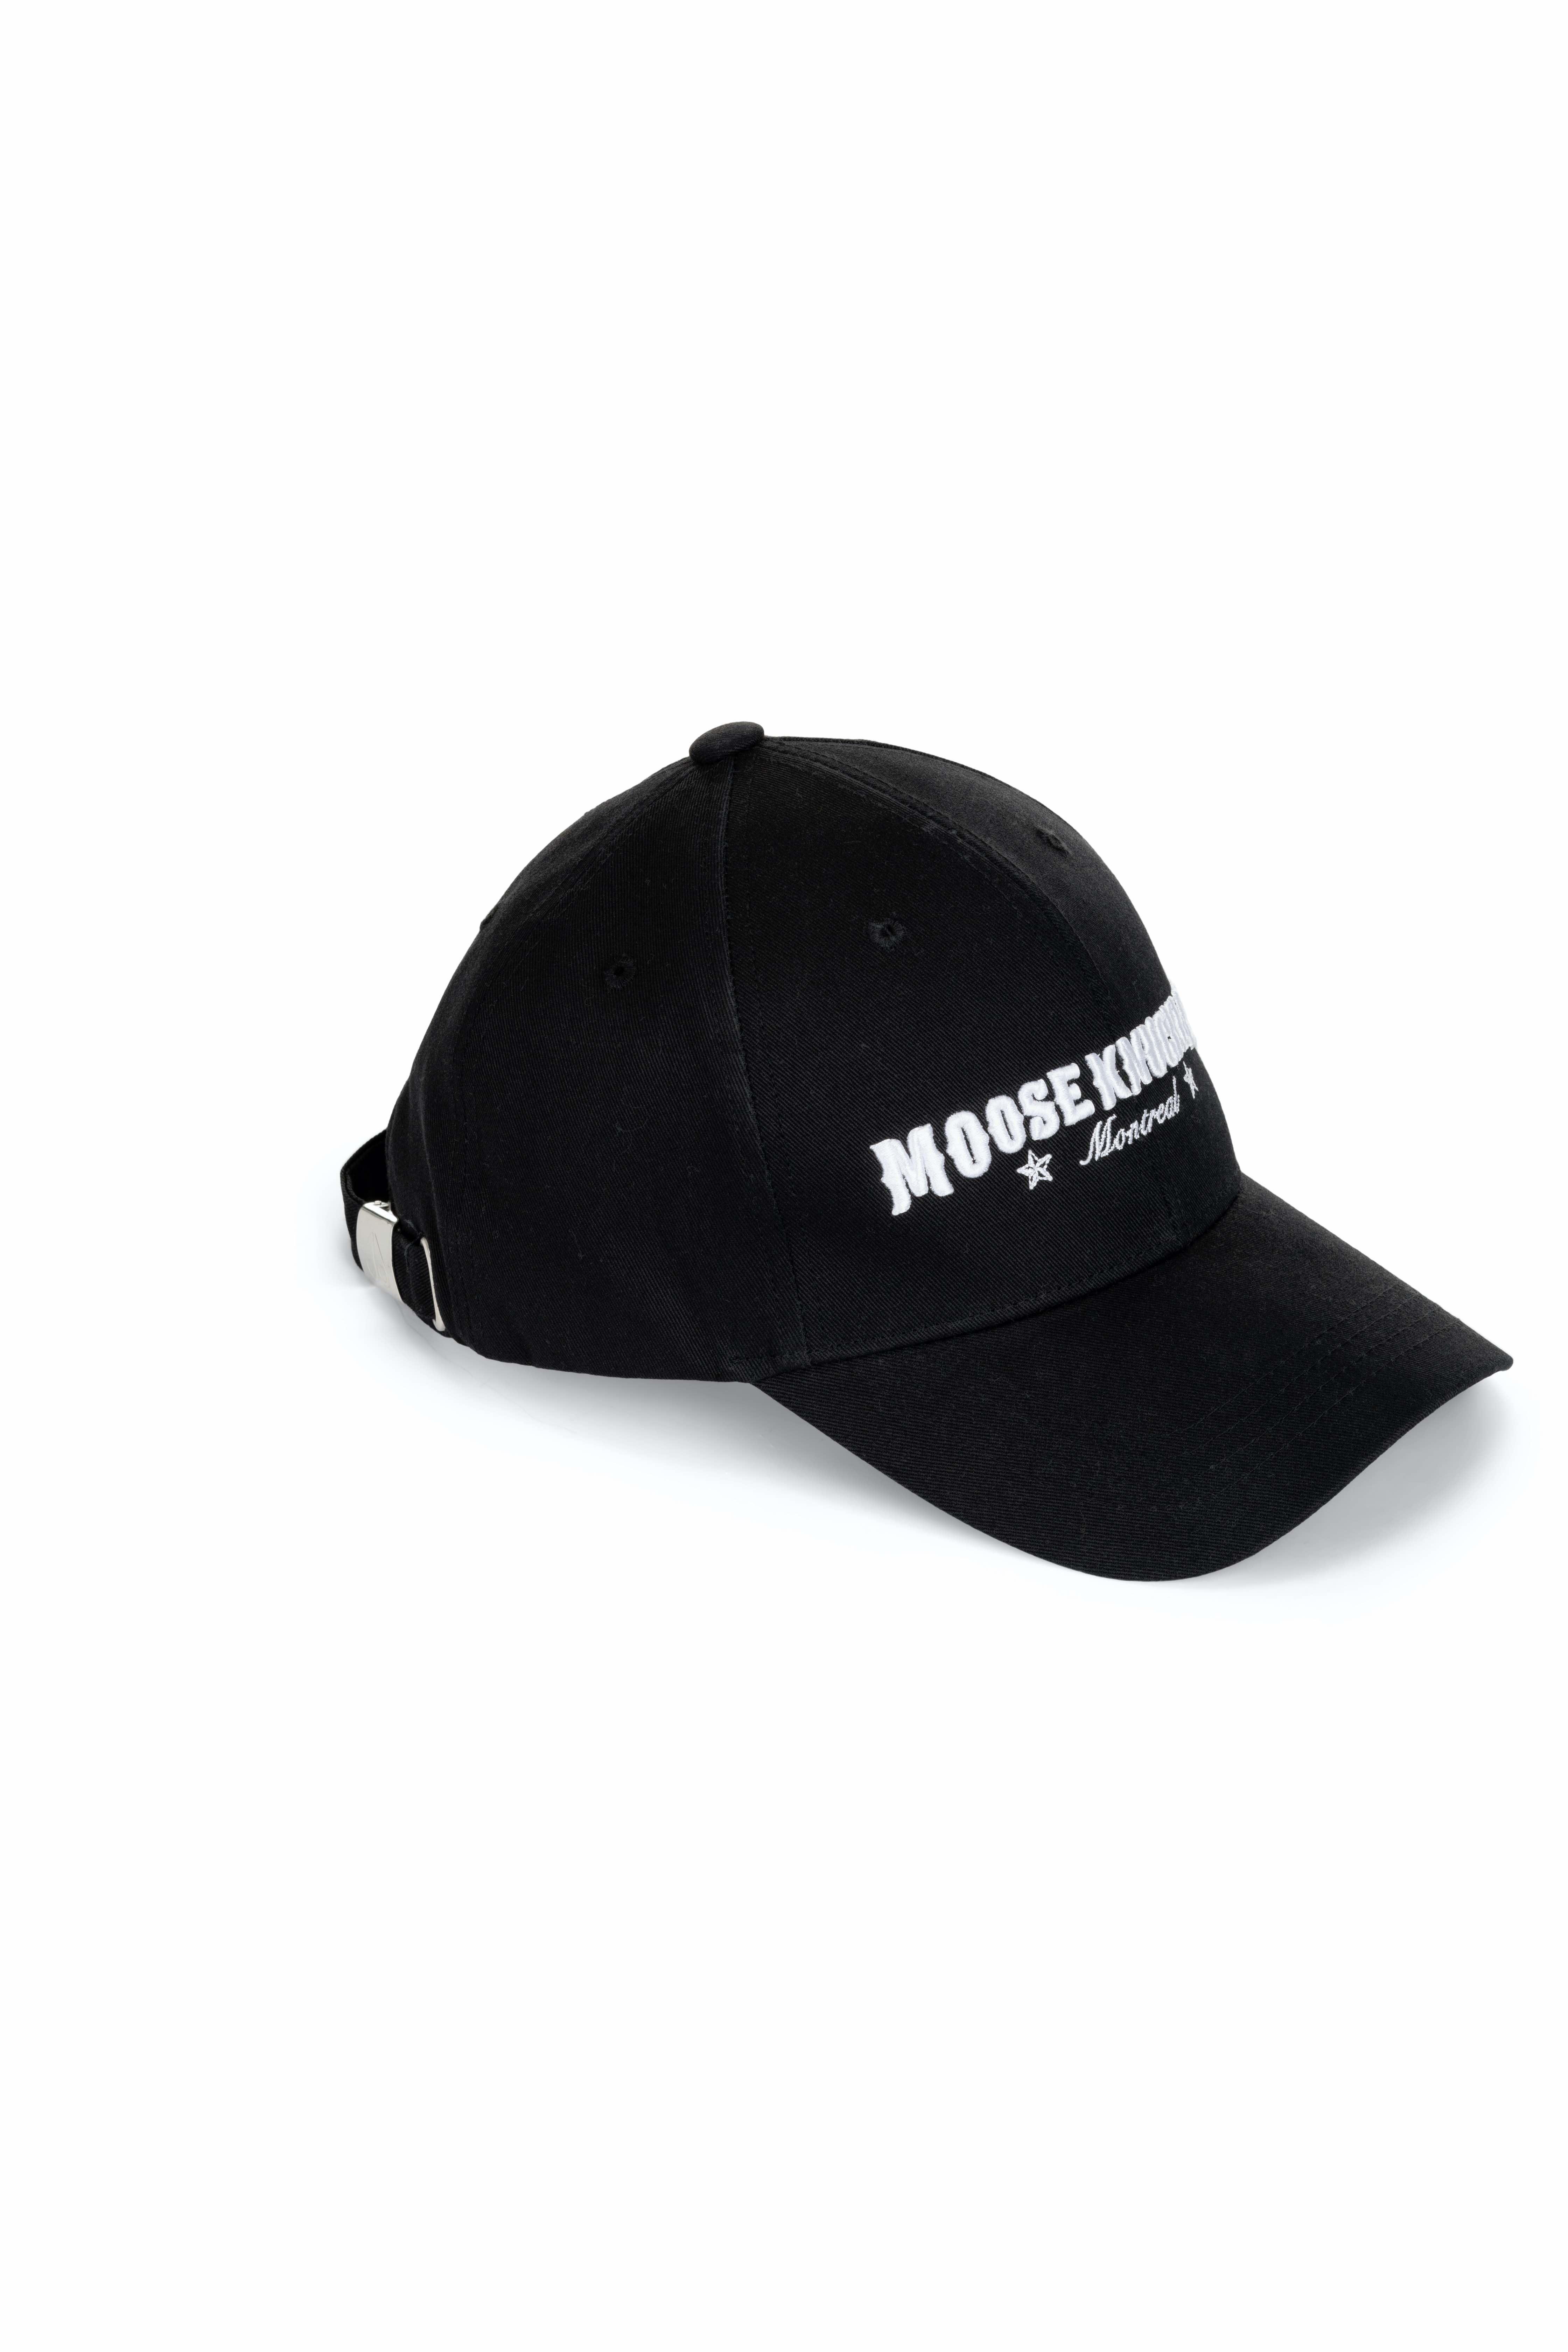 Moose Knuckles - Spring Summer 2020